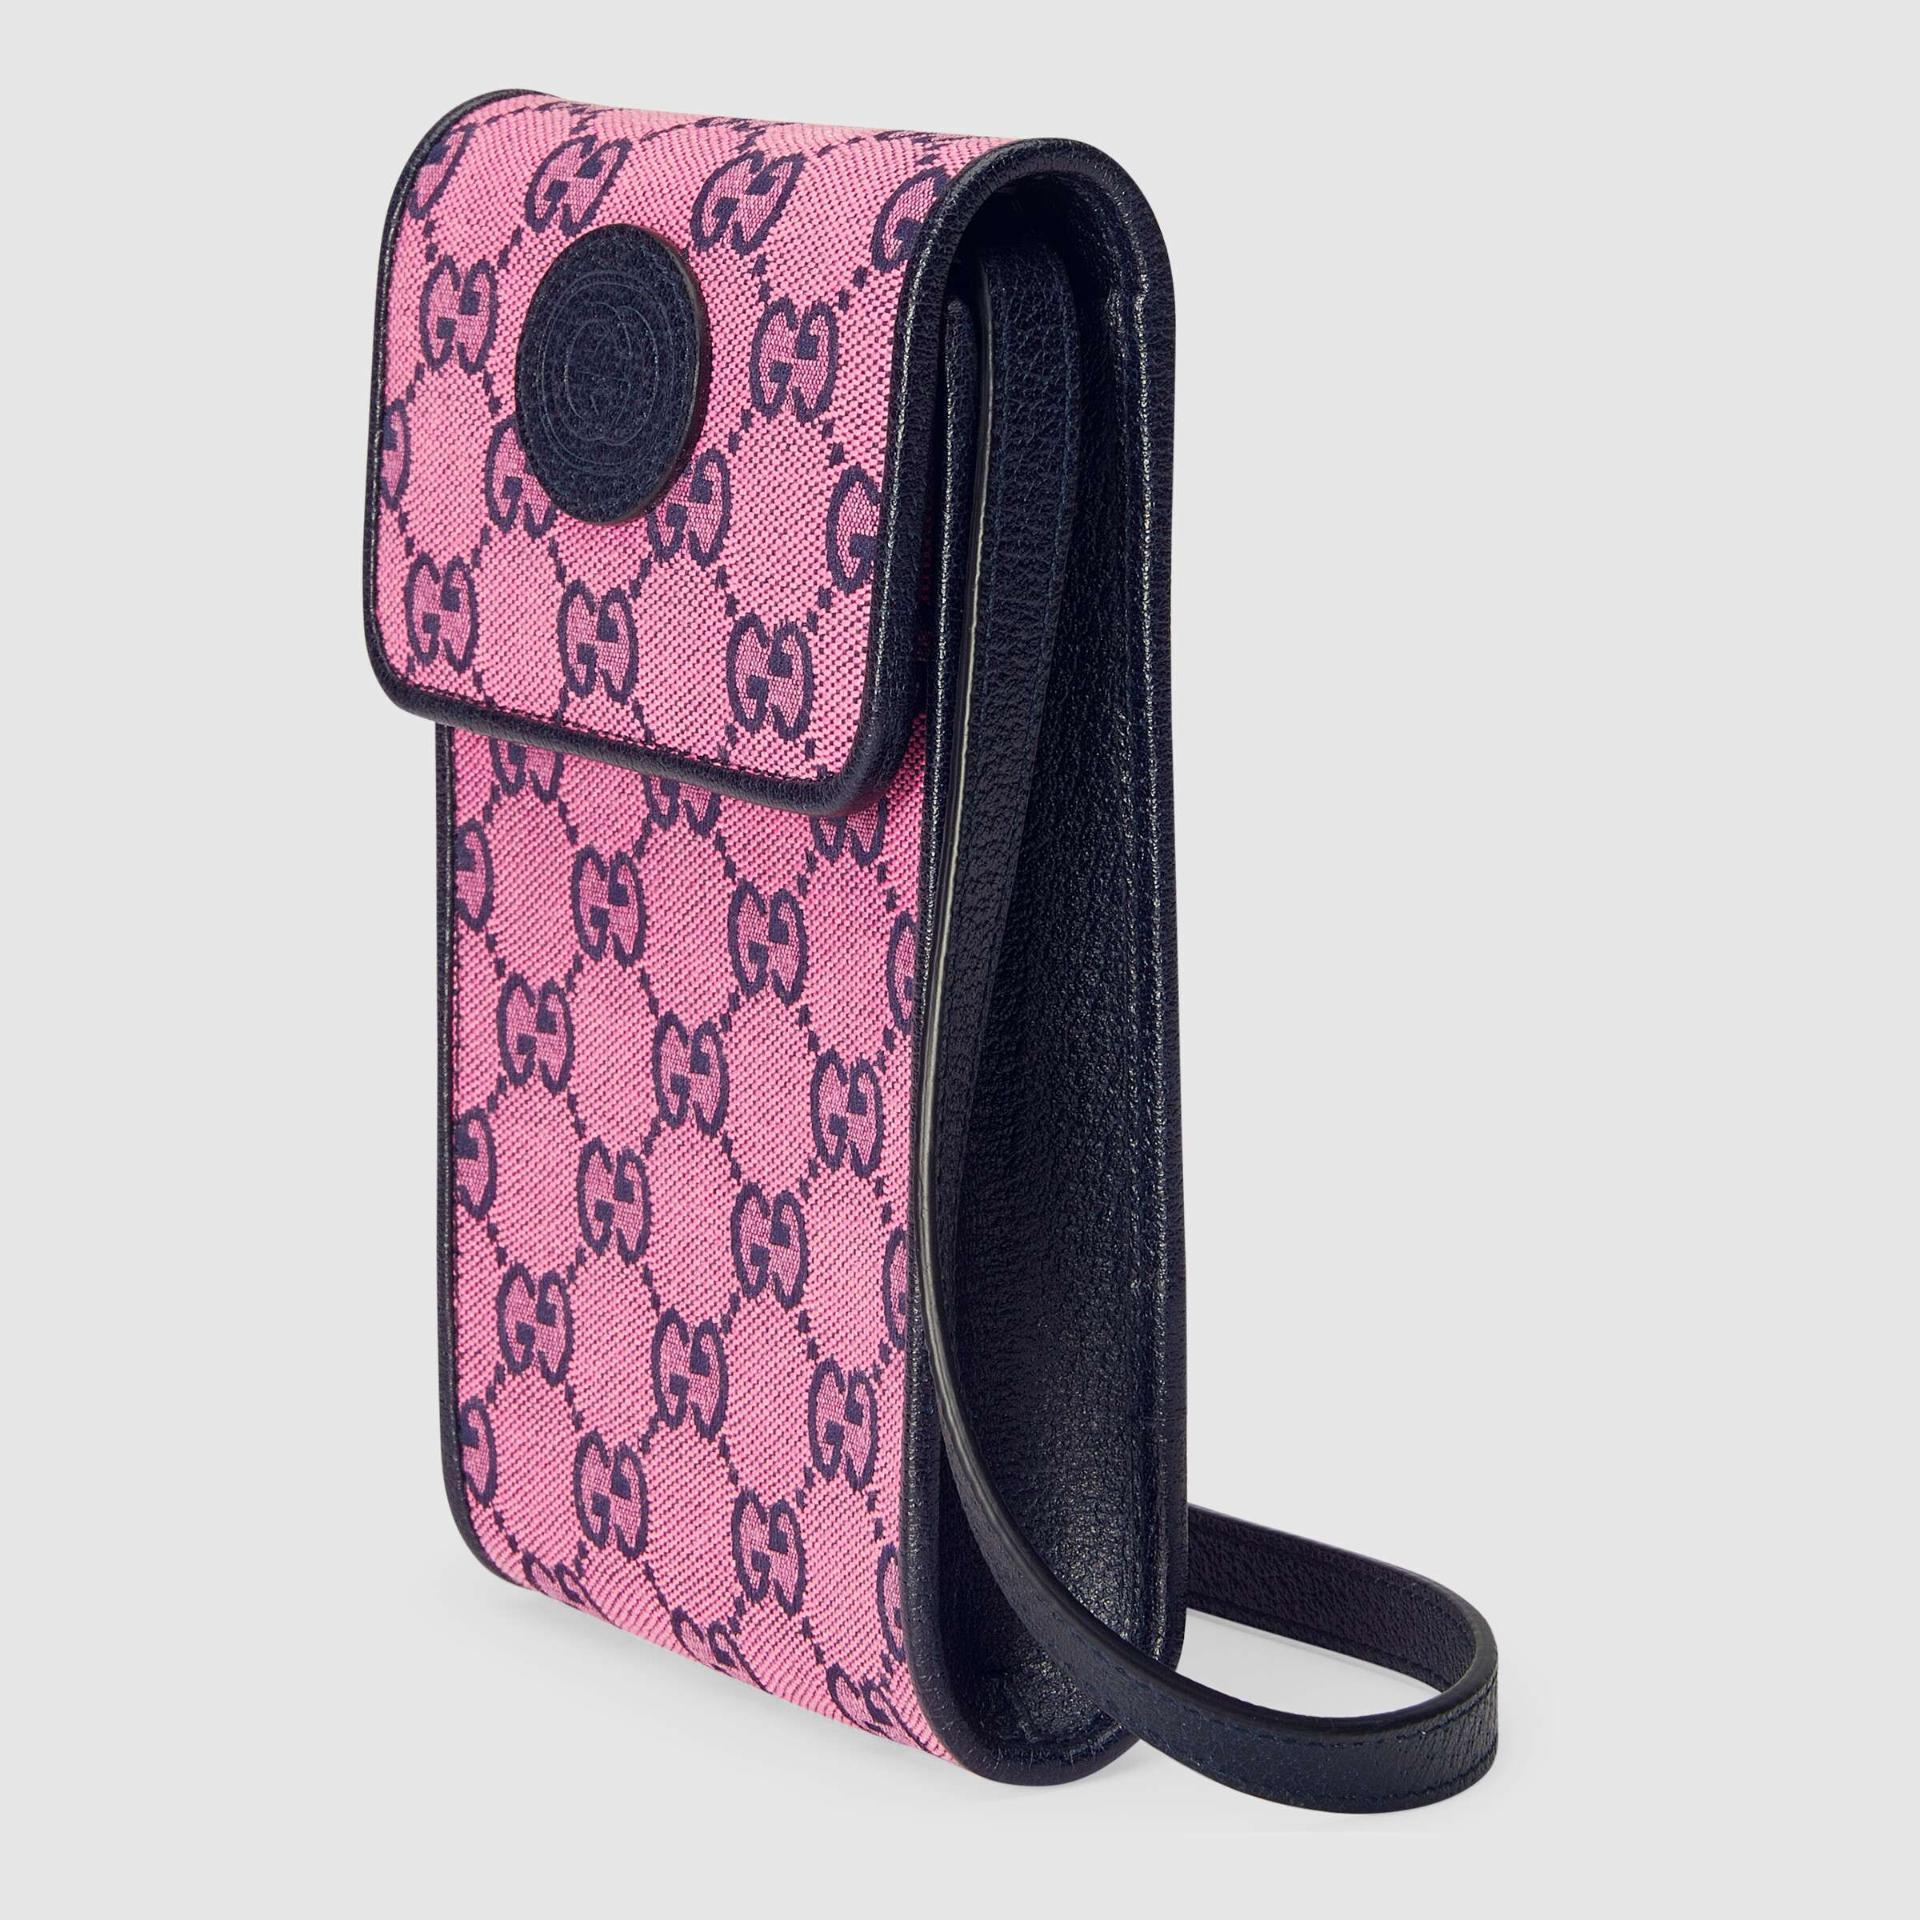 유럽직배송 구찌 GUCCI Gucci GG Multicolour mini bag 6575822UZAN5279